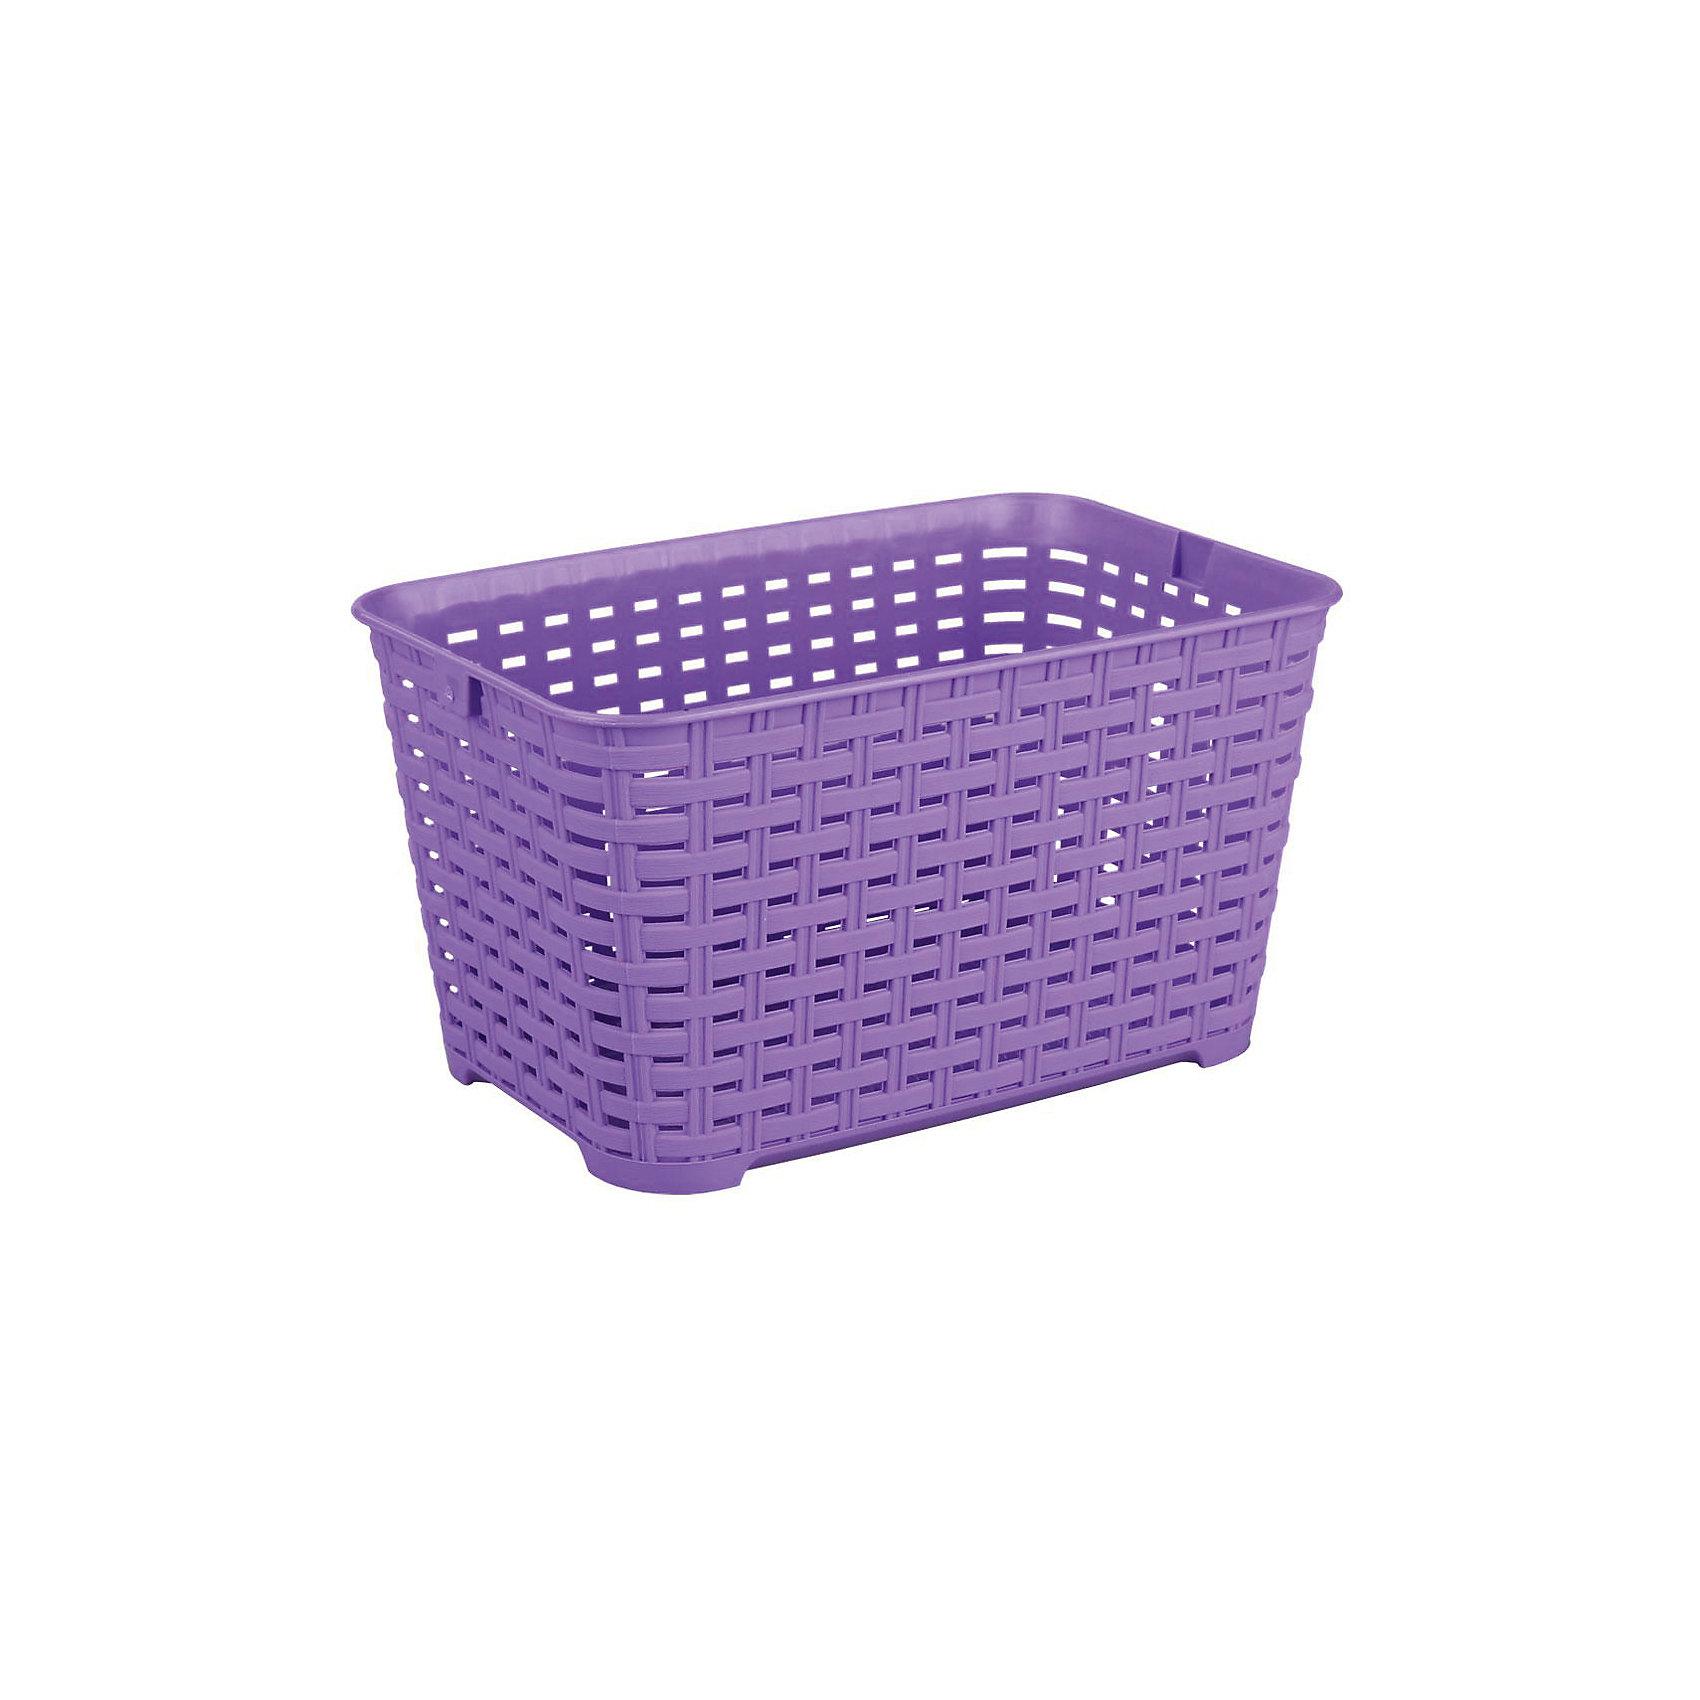 Корзина Плетёнка прямоугольная 3л.(без ручки), Alternativa, фиолетовыйПорядок в детской<br>Характеристики:<br><br>• Предназначение: для хозяйственных нужд<br>• Материал: пластик<br>• Цвет: фиолетовый<br>• Размер (Д*Ш*В): 23*16*13 см<br>• Объем: 3 л<br>• Форма: прямоугольный<br>• Особенности ухода: разрешается мыть теплой водой<br><br>Корзина Плетёнка прямоугольная 3 л. (без ручки), Alternativa, фиолетовый изготовлена отечественным производителем ООО ЗПИ Альтернатива, который специализируется на выпуске широкого спектра изделий из пластика. Контейнер выполнен из экологически безопасного пластика, устойчивого к механическим повреждениям, корпус оформлен имитацией плетения из лозы с крупными отверстиями. Изделие имеет удобную форму, достаточно легкое в уходе. Корзина Плетёнка прямоугольная 3 л. (без ручки), Alternativa, фиолетовую можно использовать для хранения различных мелочей.<br><br>Корзину Плетёнка прямоугольная 3 л. (без ручки), Alternativa, фиолетовую можно купить в нашем интернет-магазине.<br><br>Ширина мм: 230<br>Глубина мм: 160<br>Высота мм: 130<br>Вес г: 144<br>Возраст от месяцев: 6<br>Возраст до месяцев: 84<br>Пол: Унисекс<br>Возраст: Детский<br>SKU: 5096607